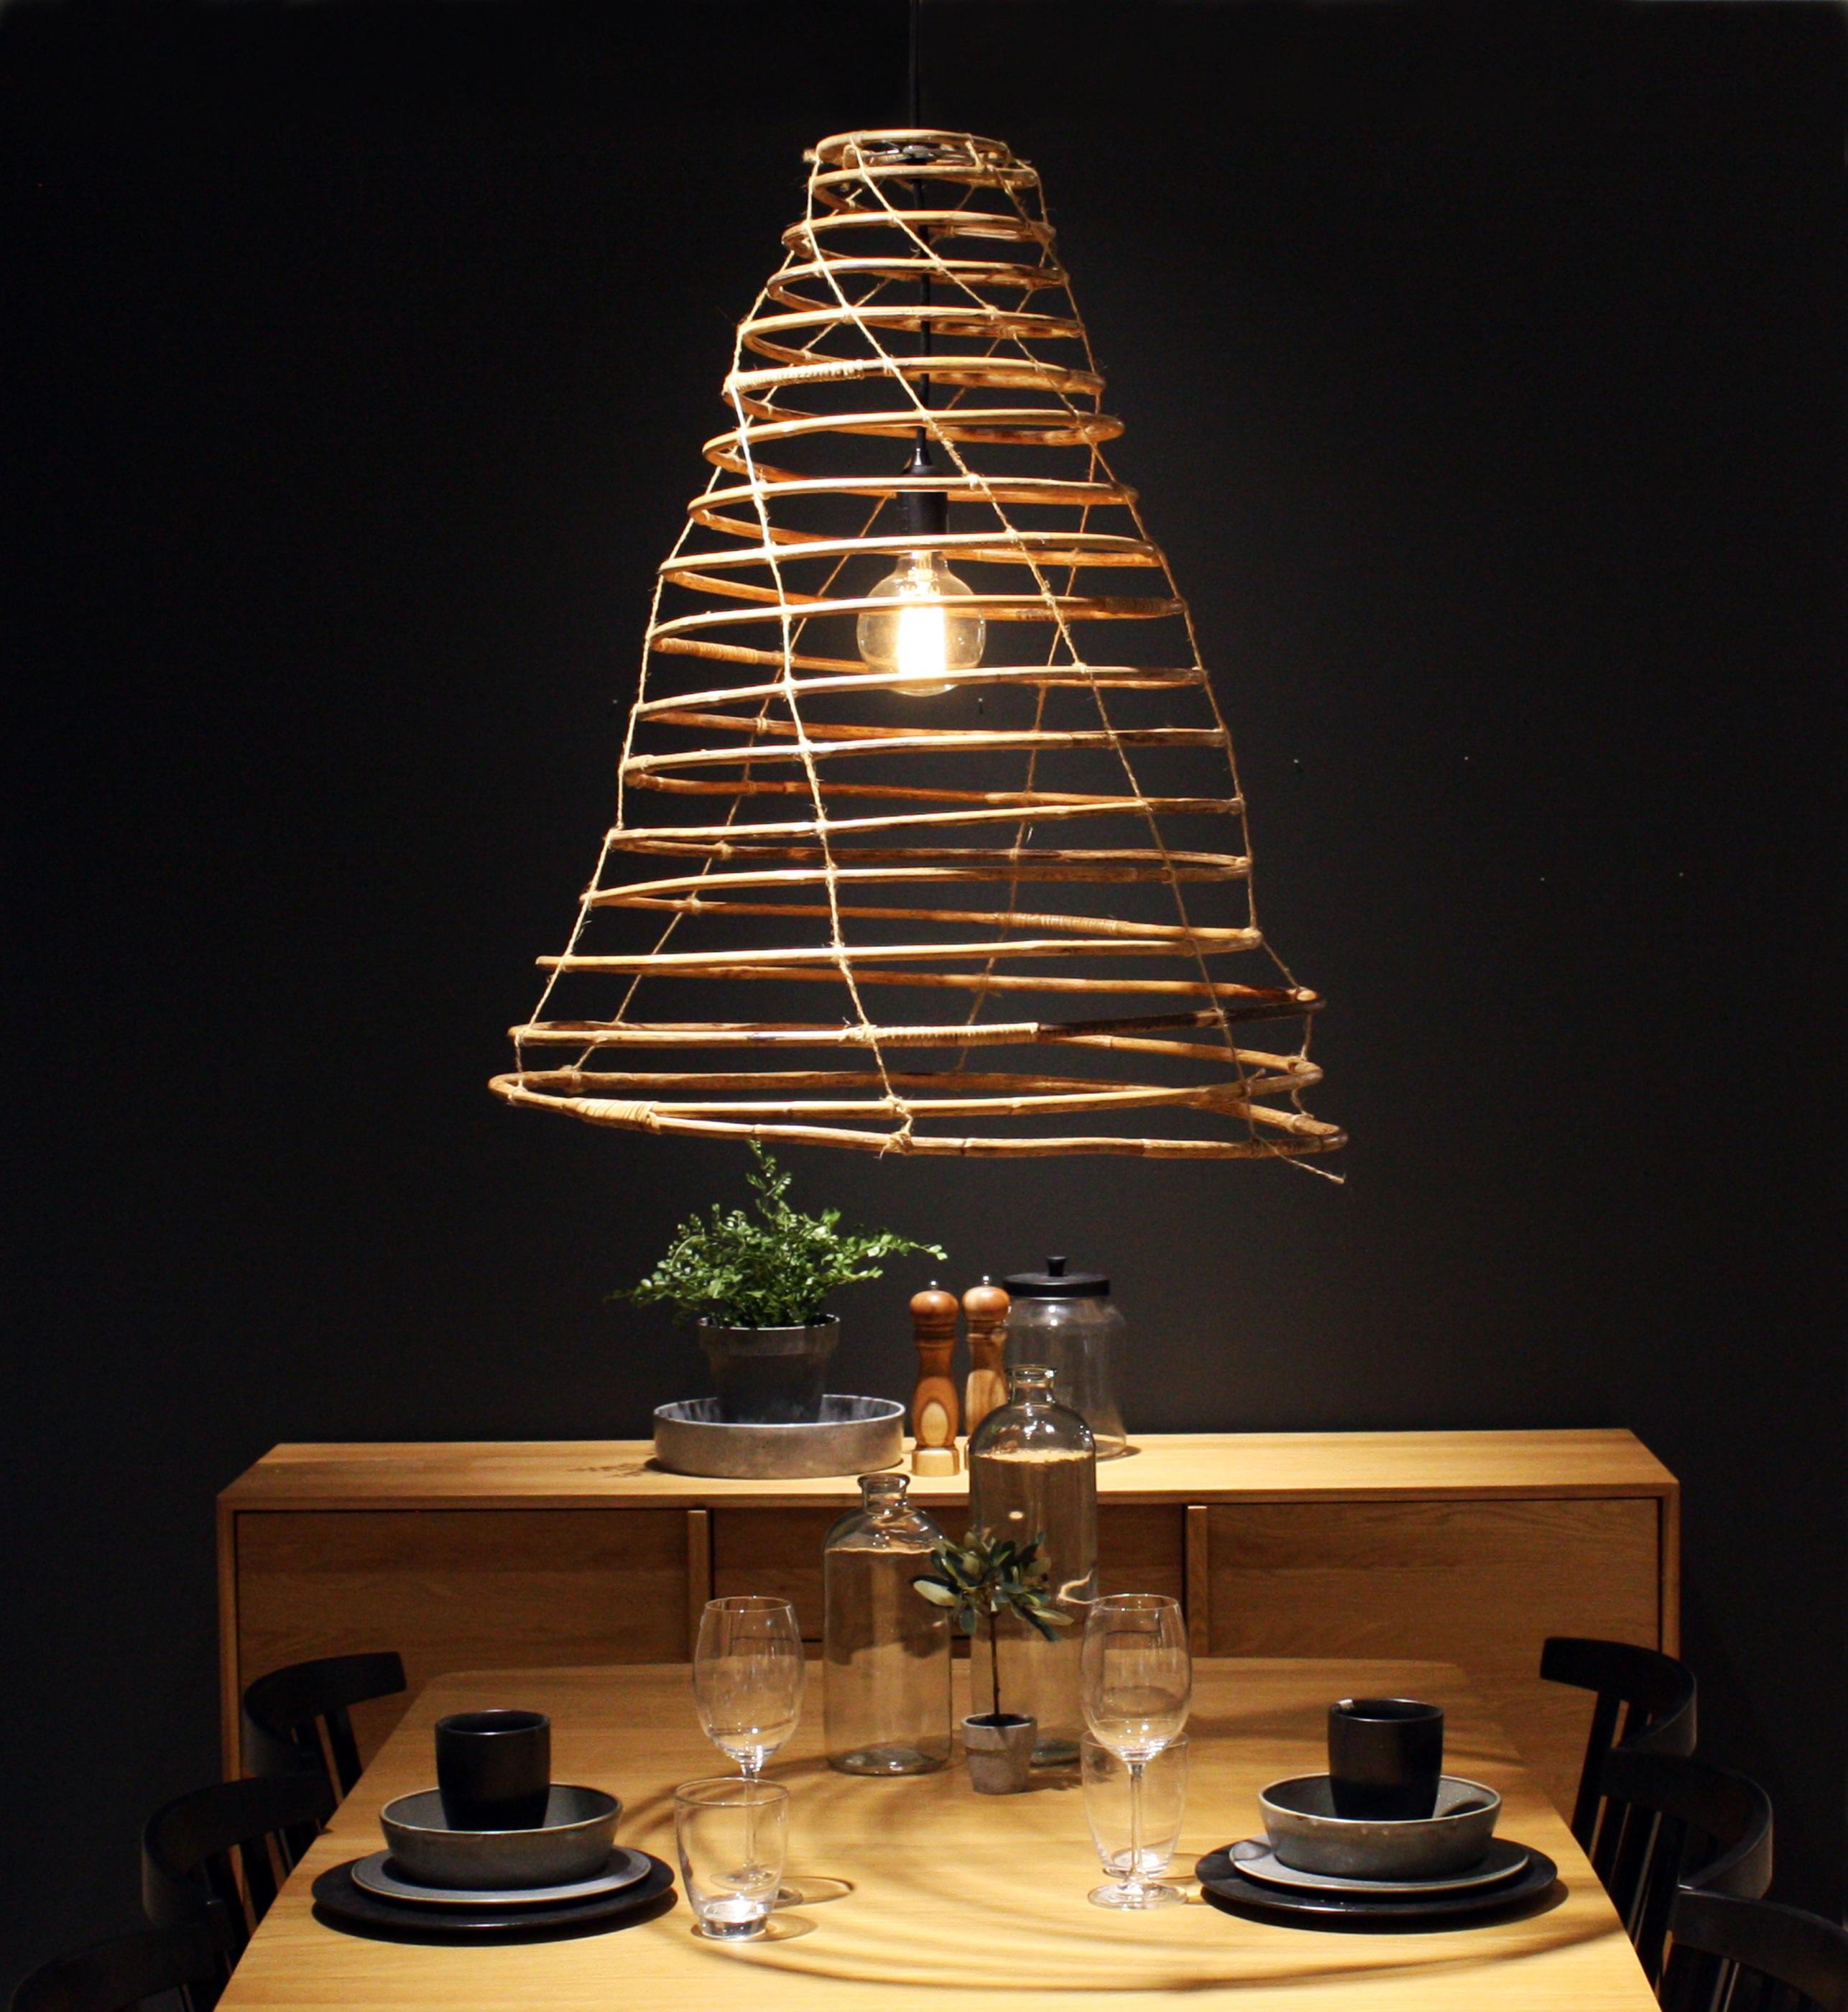 Wish lampa